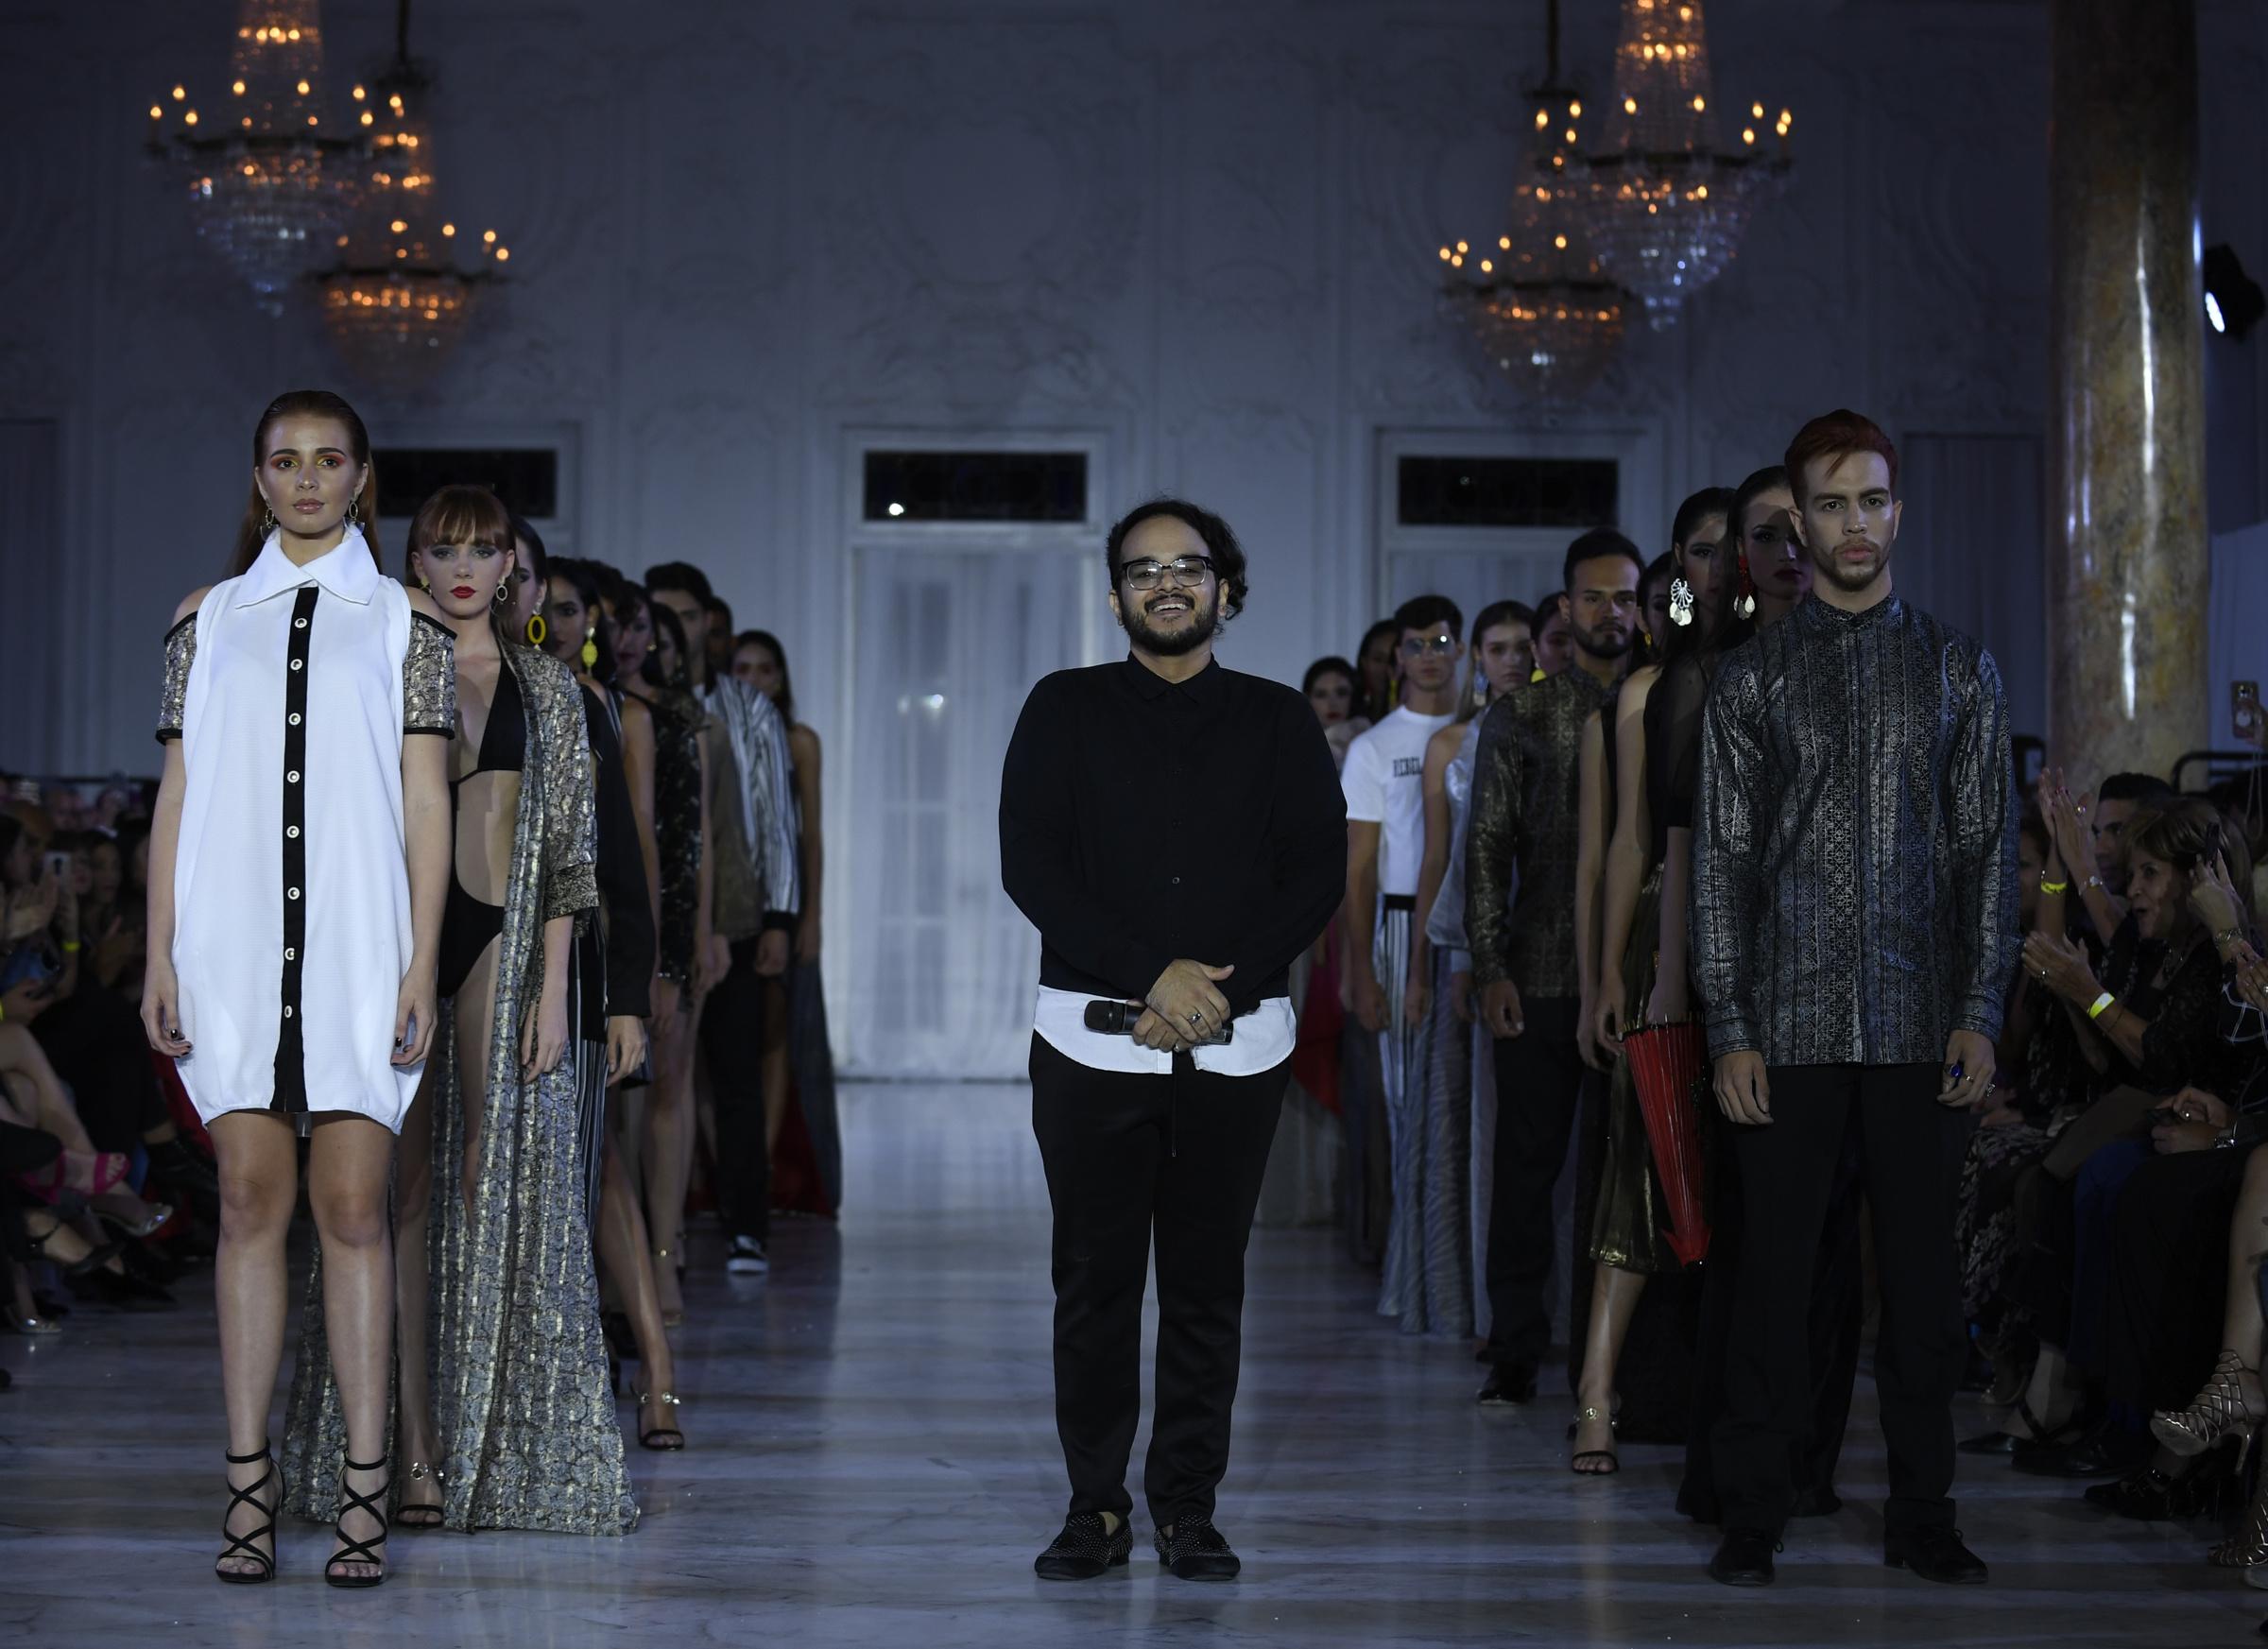 El diseñador Reynaldo José Flores recibe el aplauso de la concurrencia al finalizar el desfile. Foto Ángel Luis García